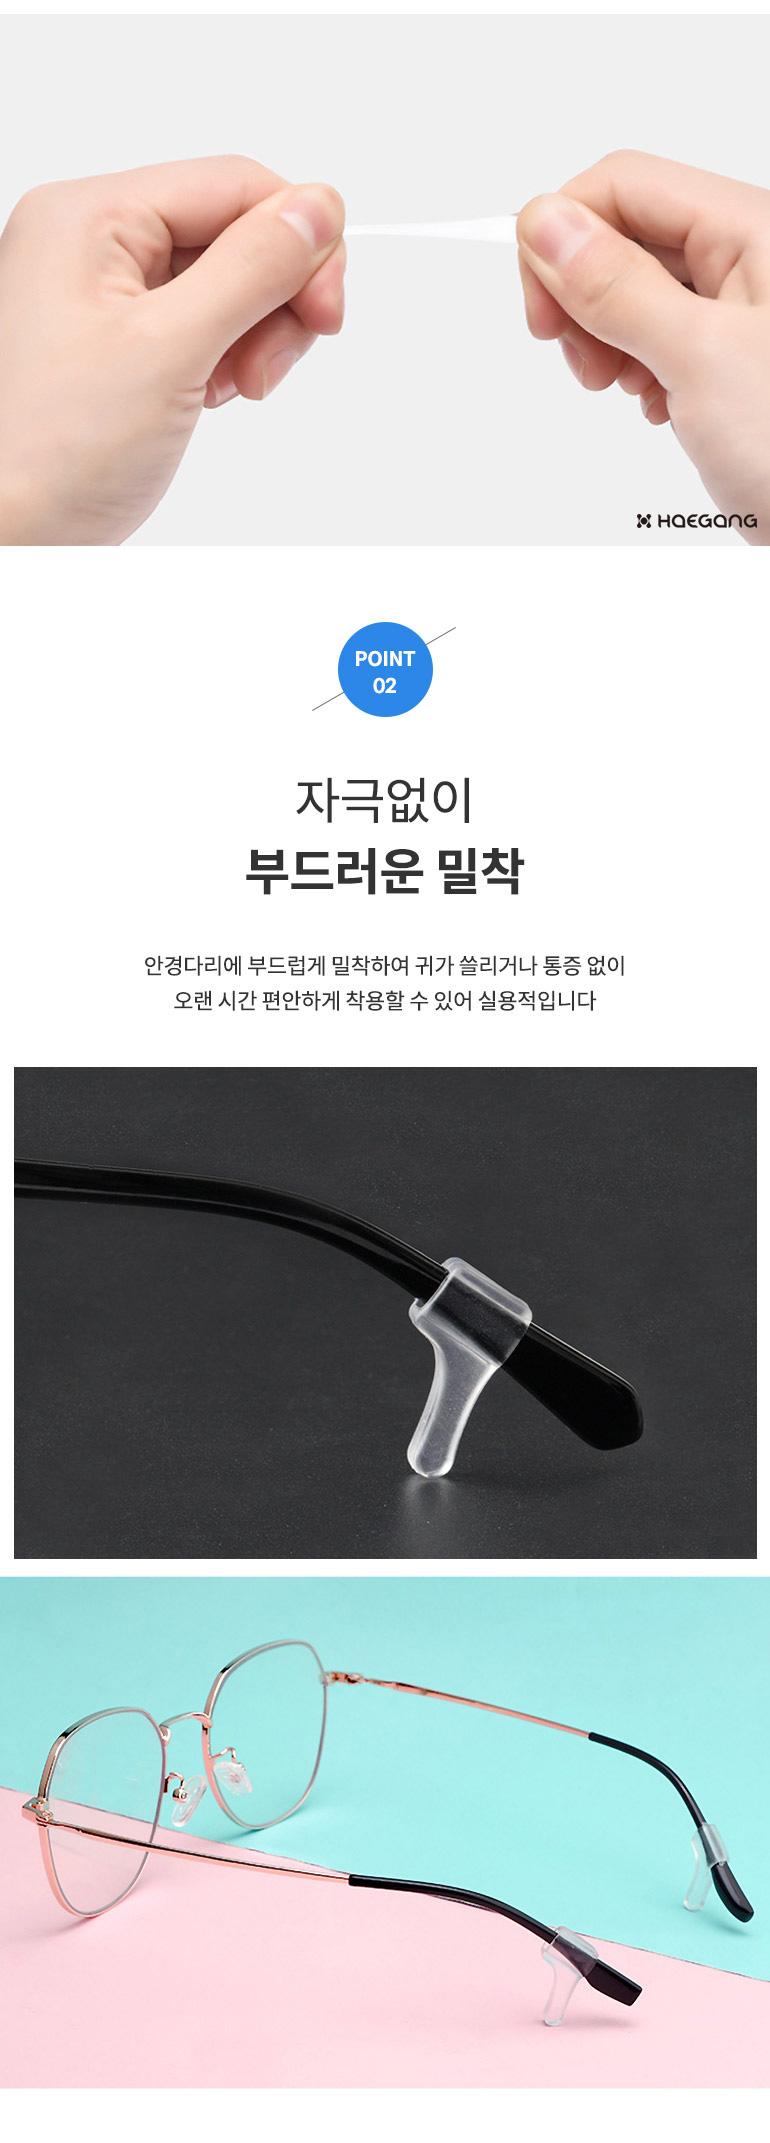 실리콘 안경 귀고무바450원-해강패션잡화, 아이웨어, 안경/선글라스, 아이웨어 소품바보사랑실리콘 안경 귀고무바450원-해강패션잡화, 아이웨어, 안경/선글라스, 아이웨어 소품바보사랑